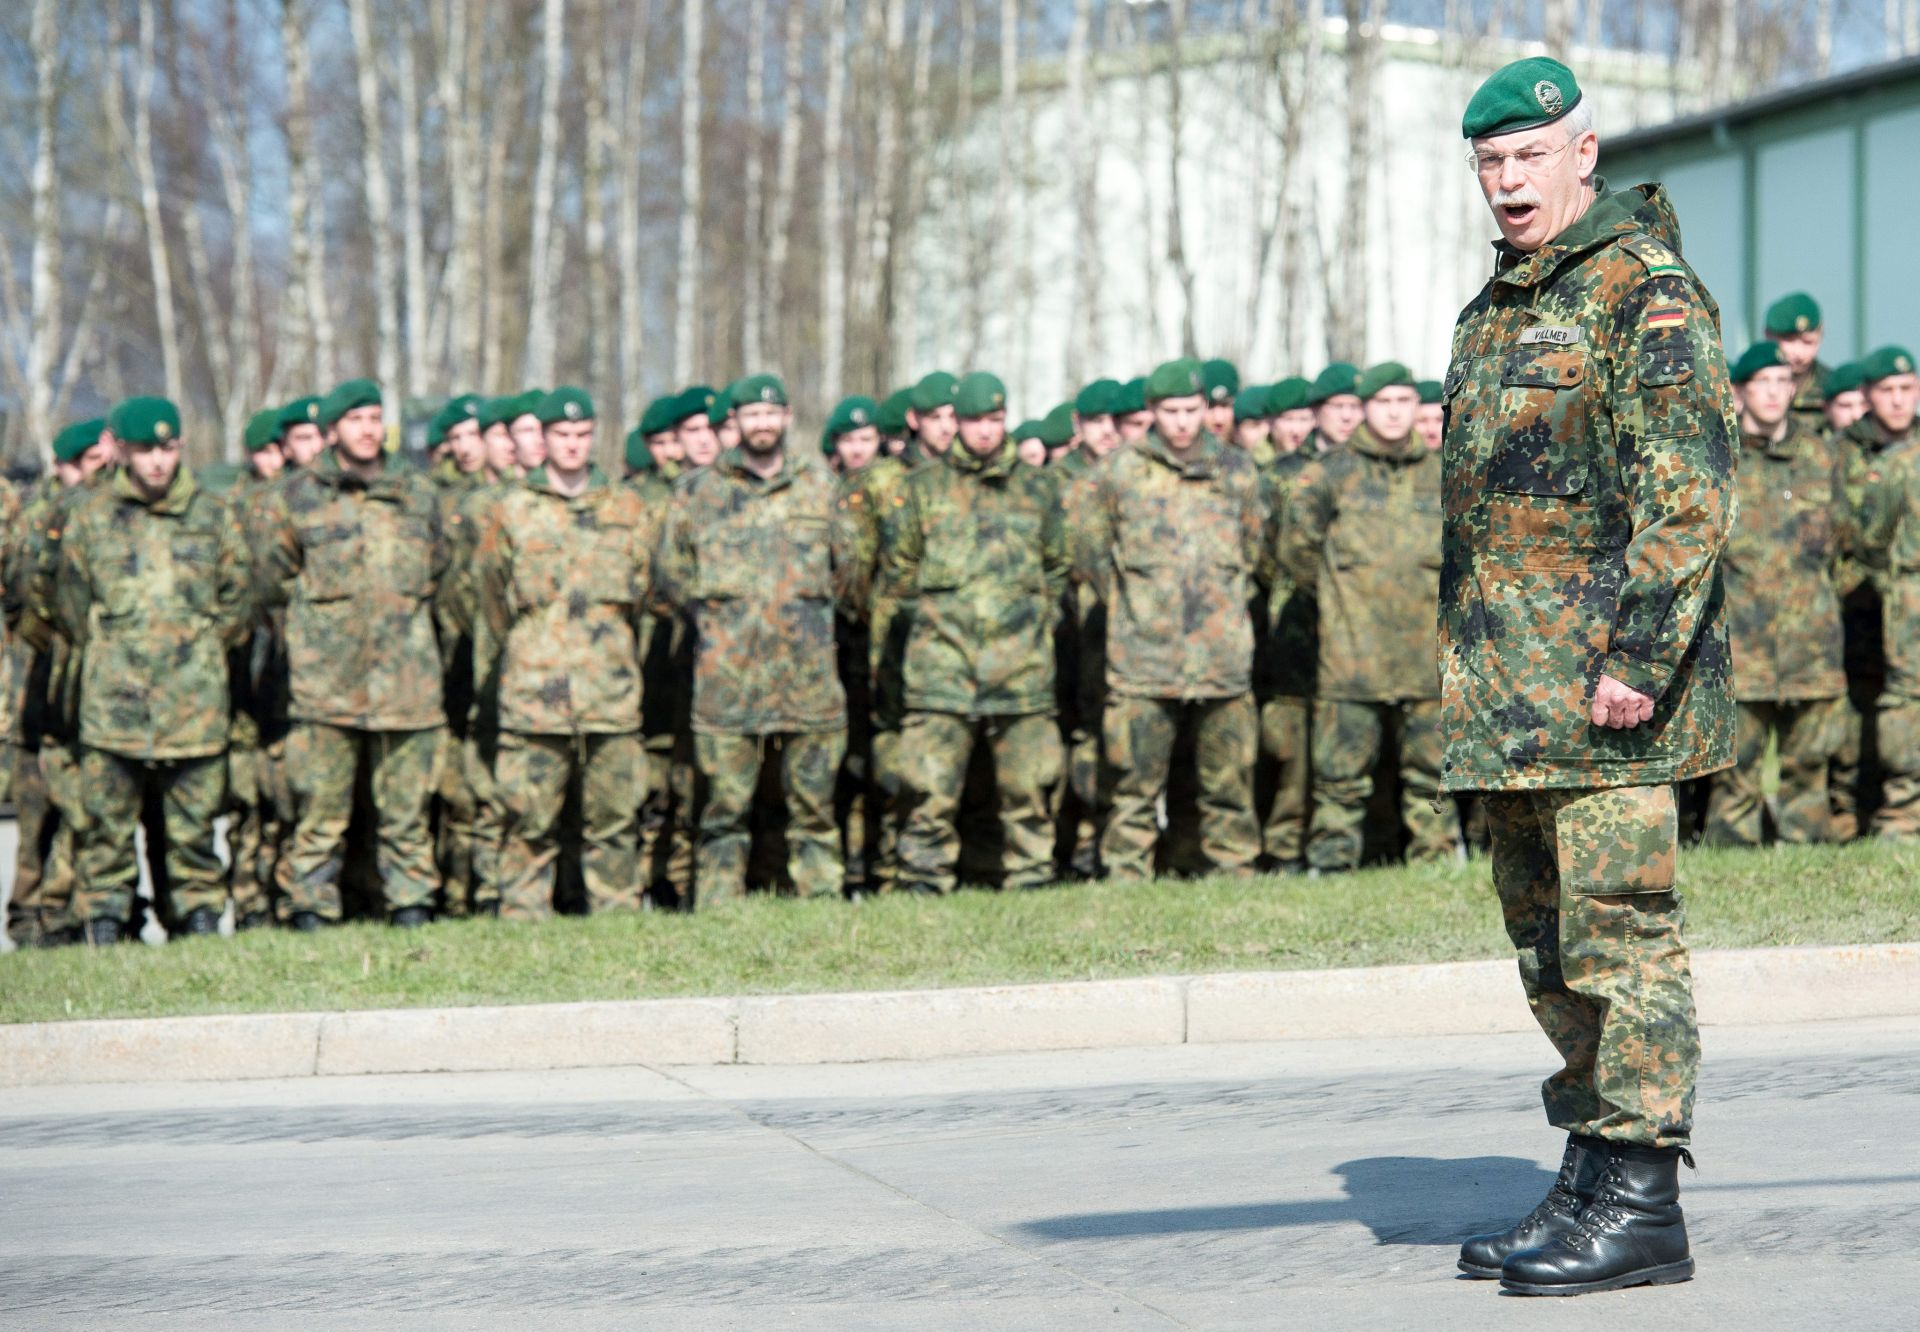 Njemačka vojska ispituje 275 slučajeva desnog ekstremizma